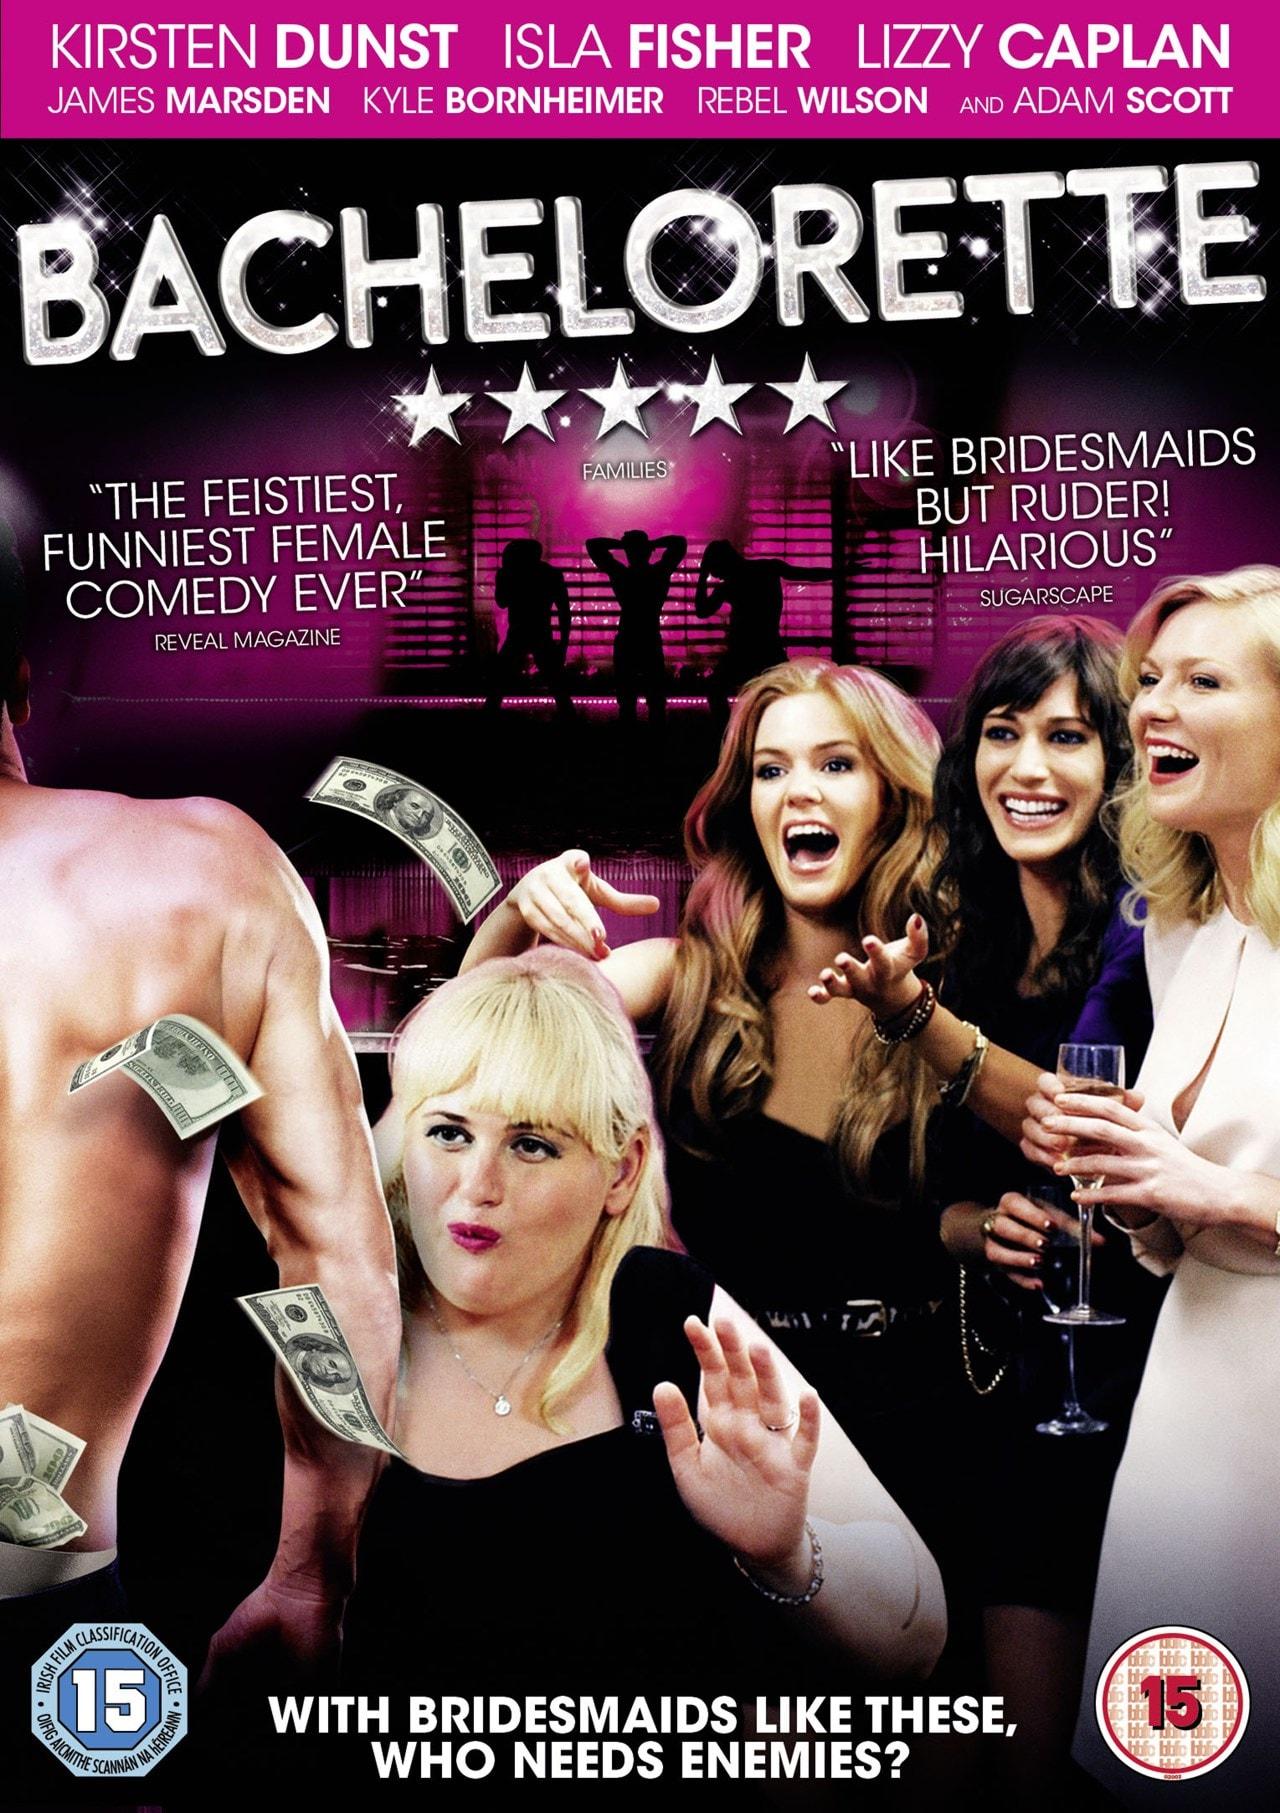 Bachelorette - 1